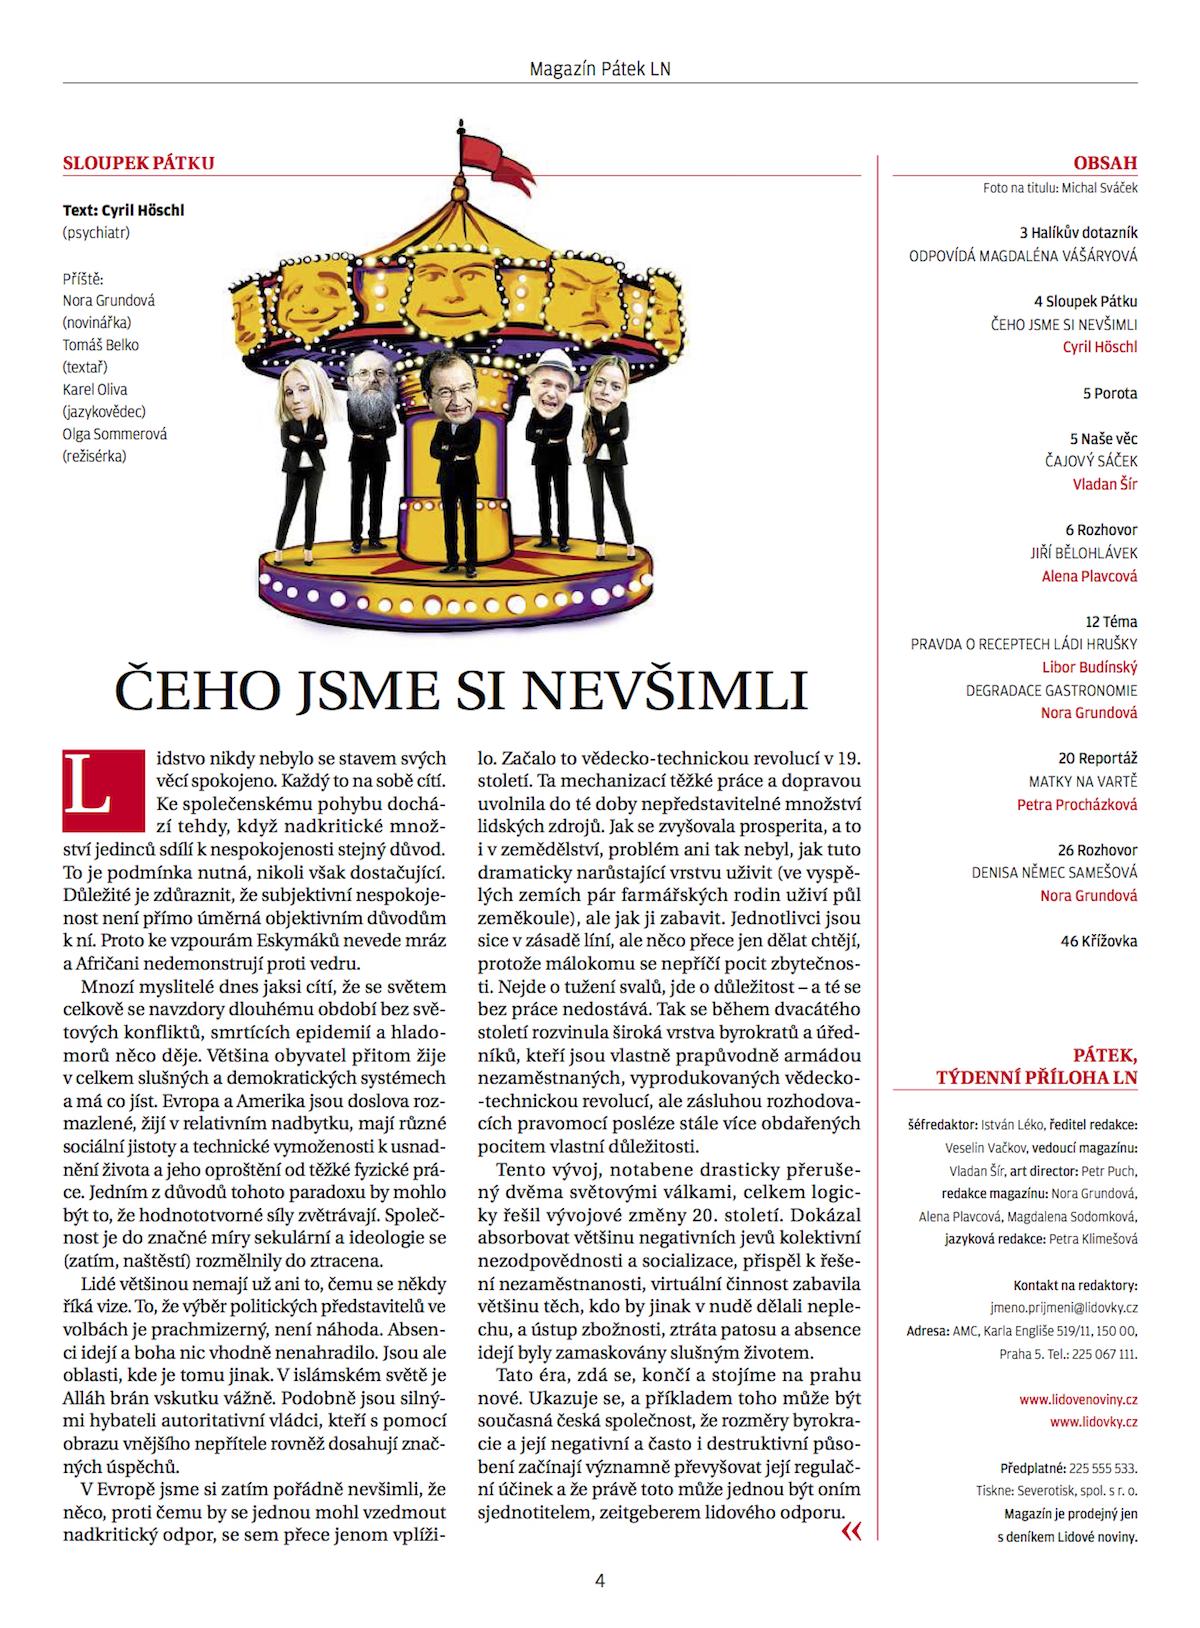 Nová podoba přílohy Pátek Lidových novin, uvedená v listopadu 2014